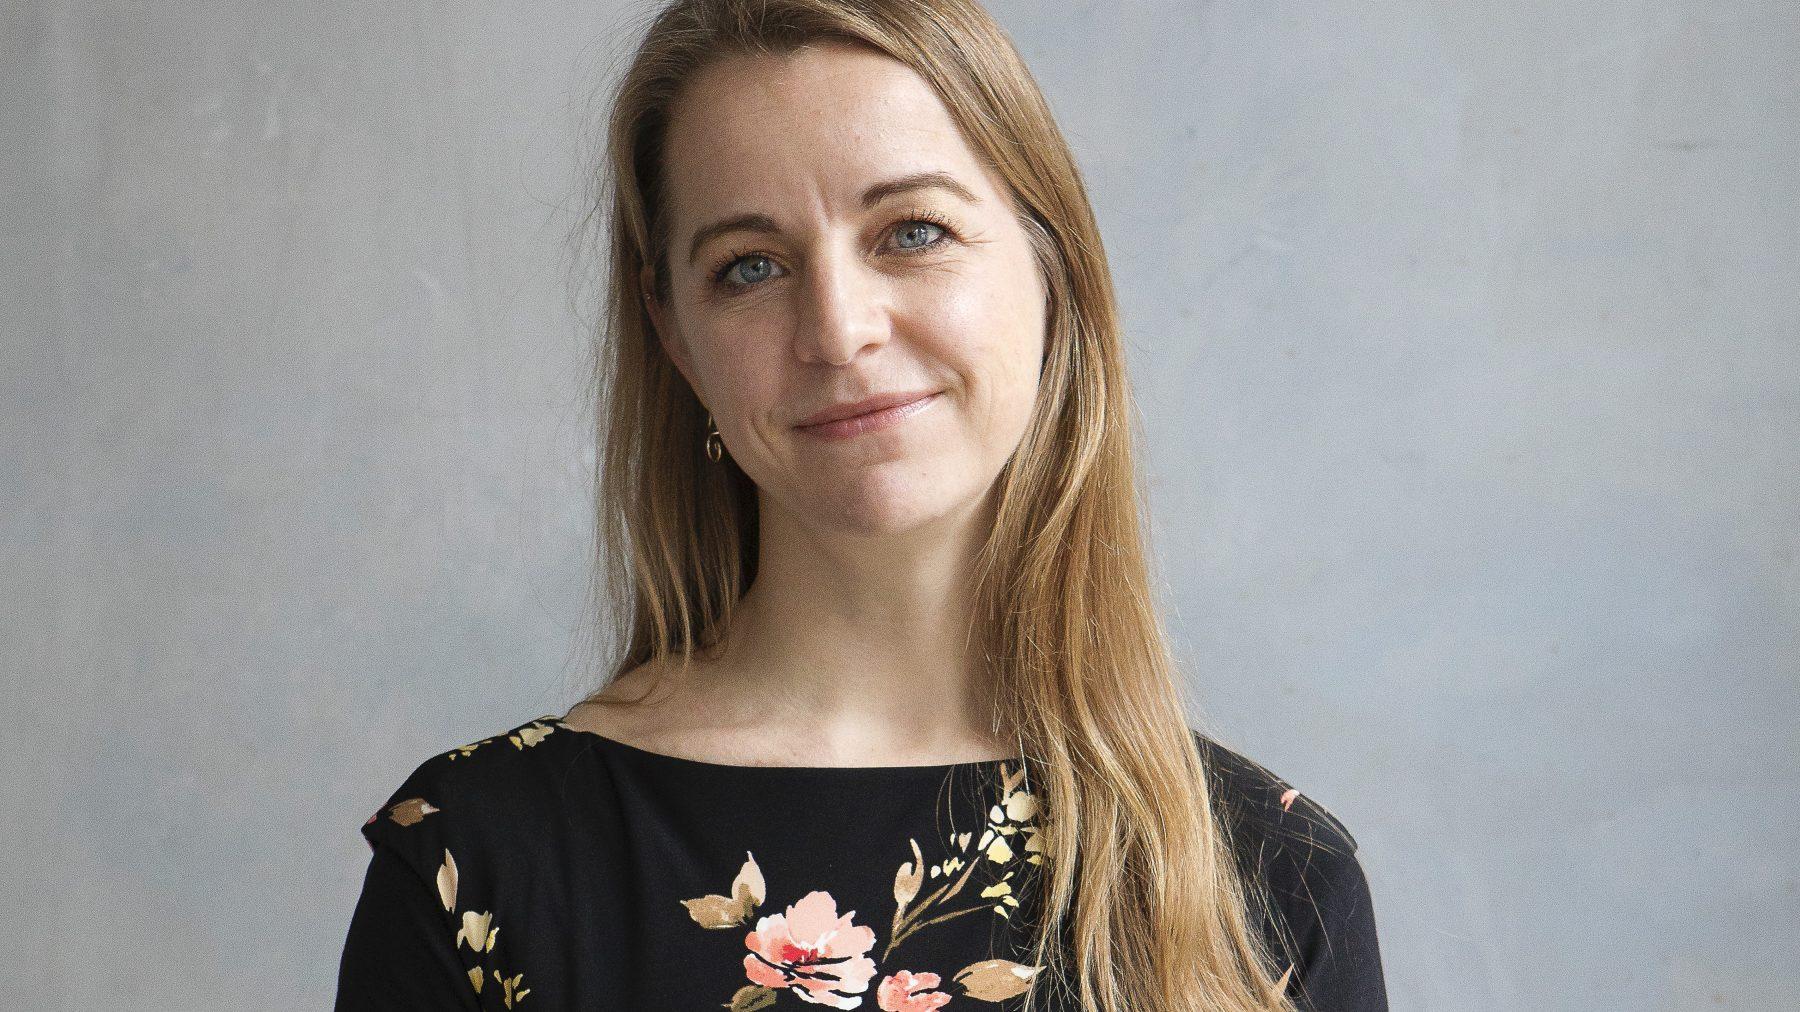 Jetske (40) draagt het Alzheimer-gen: 'Ik weet wat me te wachten staat'